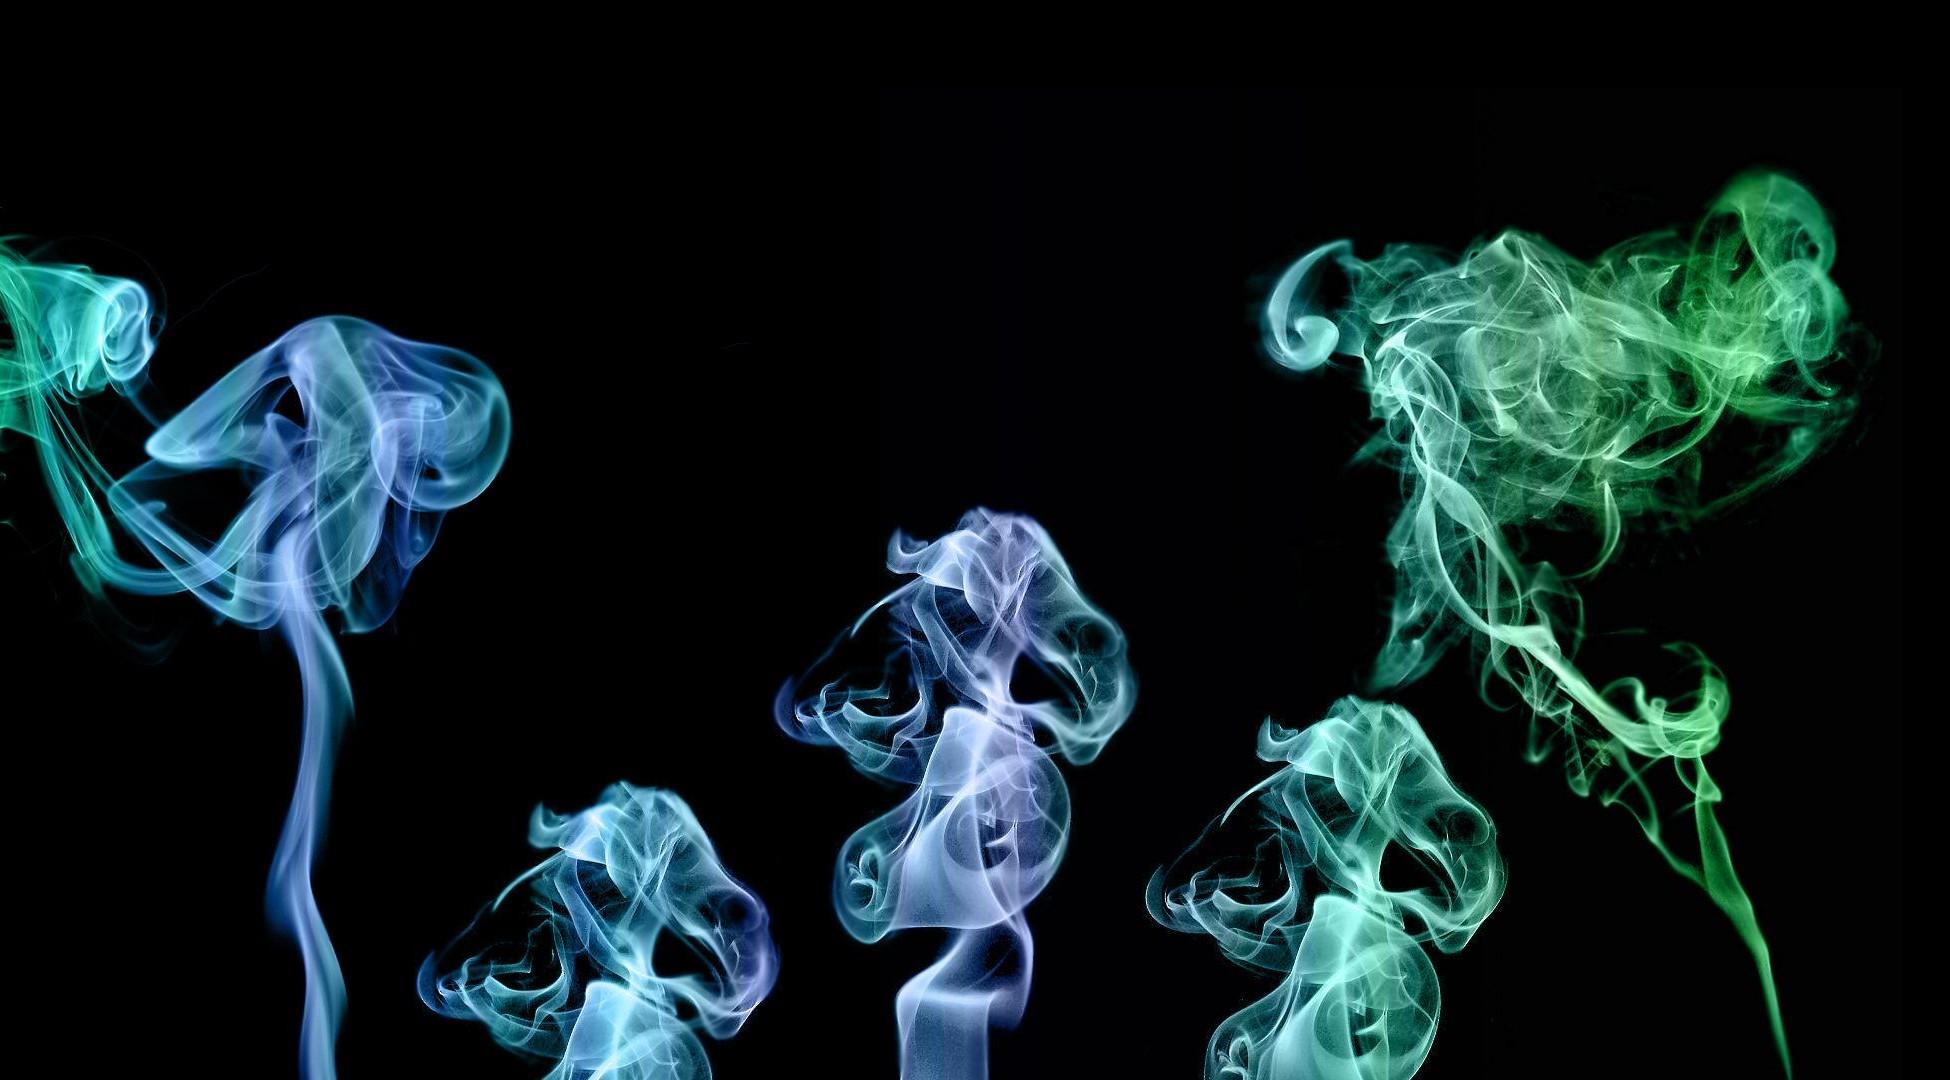 дымные картинки на рабочий стол эти настройки можно